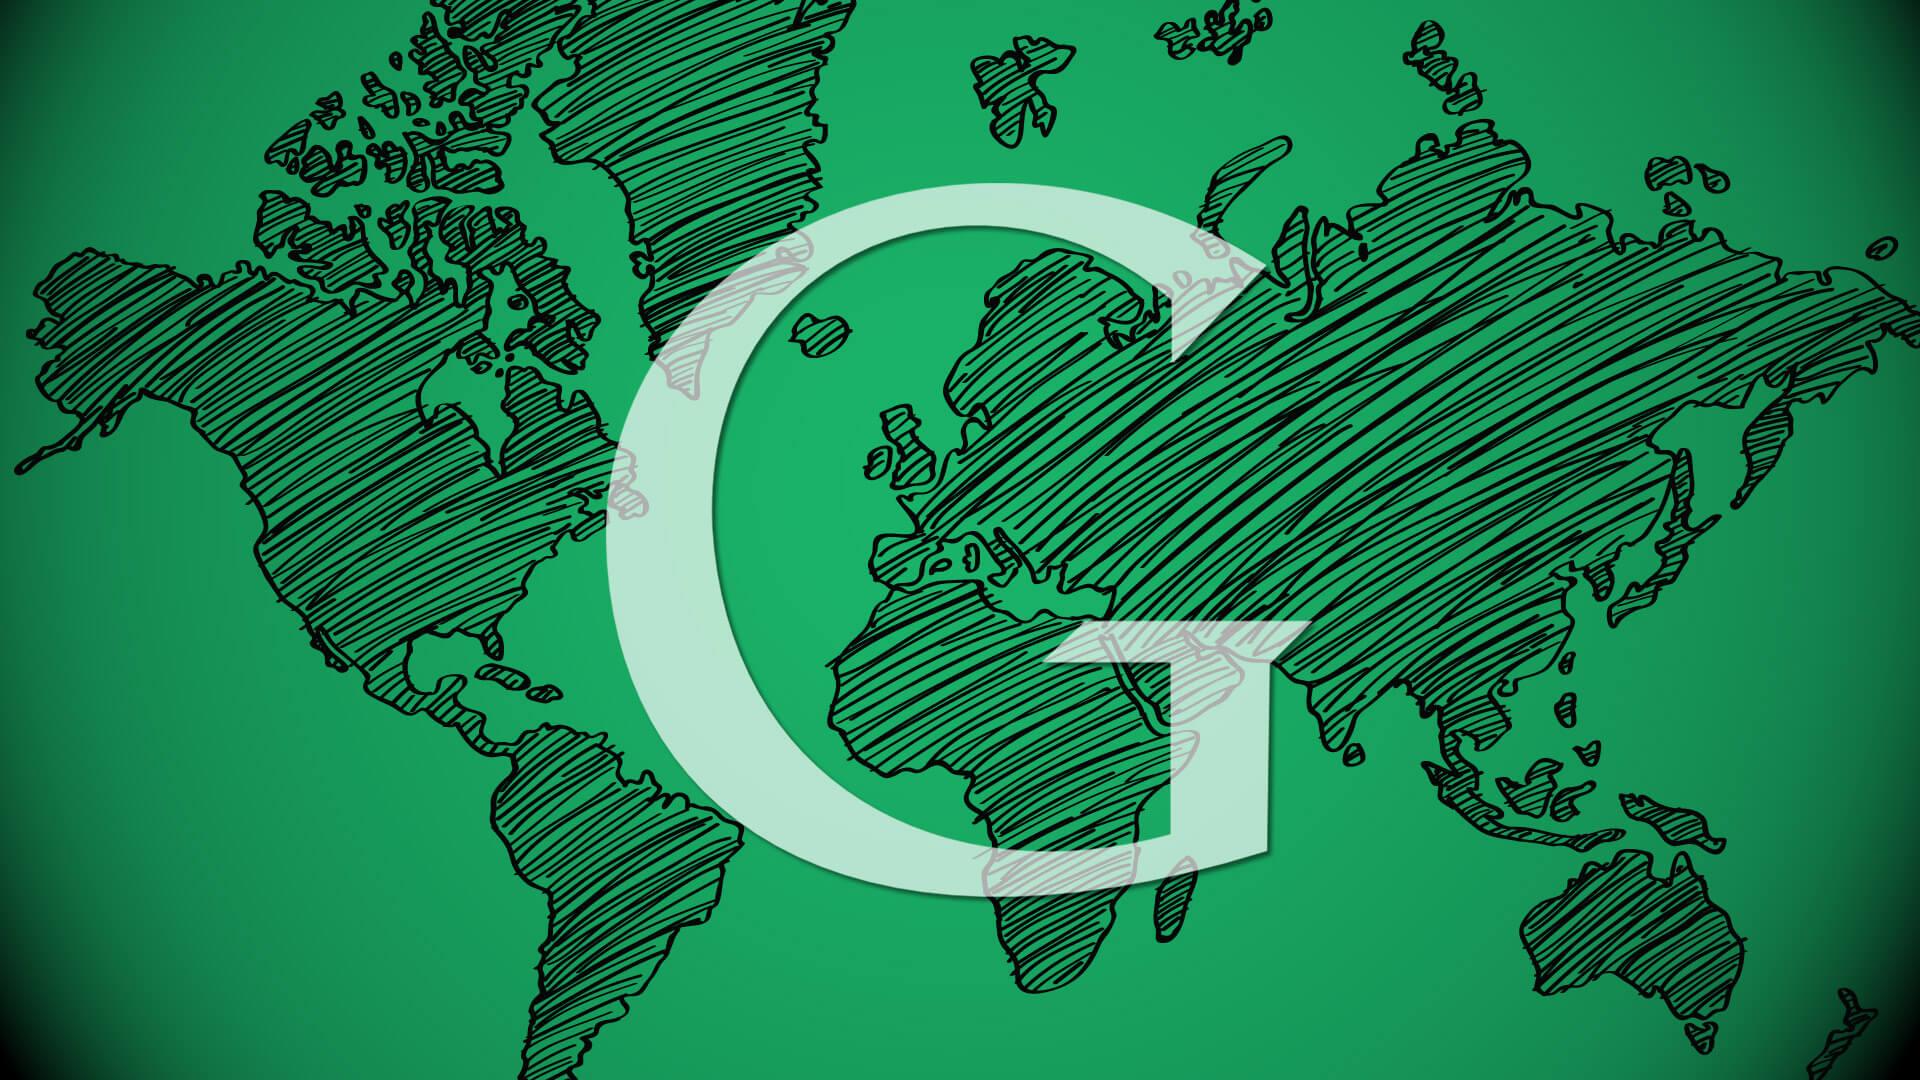 Google Map Maker vuelve a funcionar en 45 países más, incluido EE. UU.